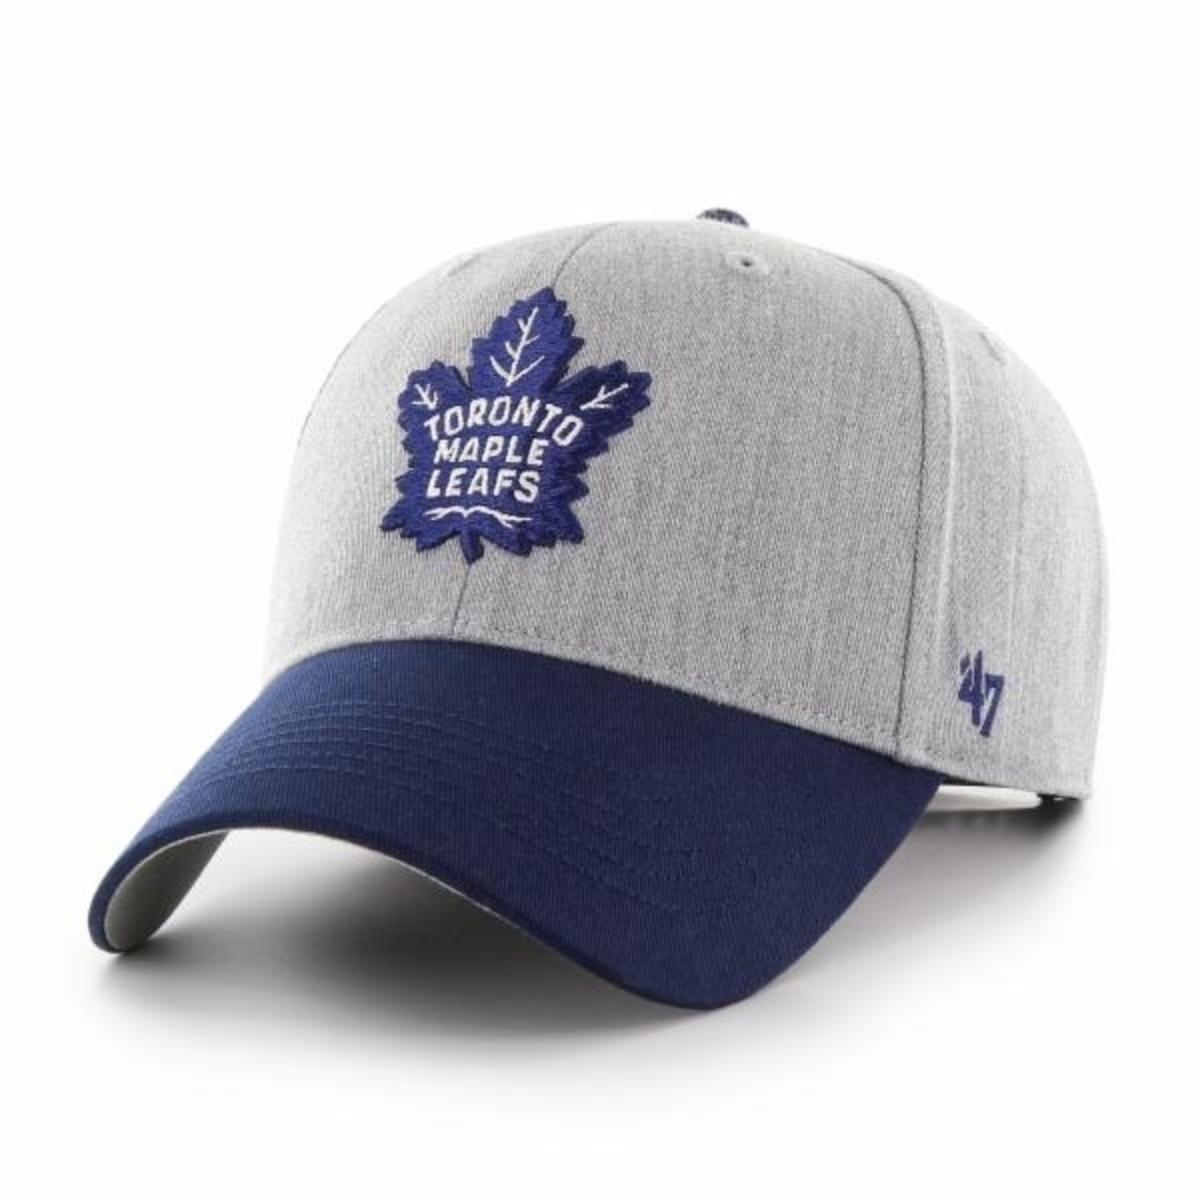 BRAND 47 Toronto Maple Leafs Palomino TT Adjustable Snapback Vasaras Cepure